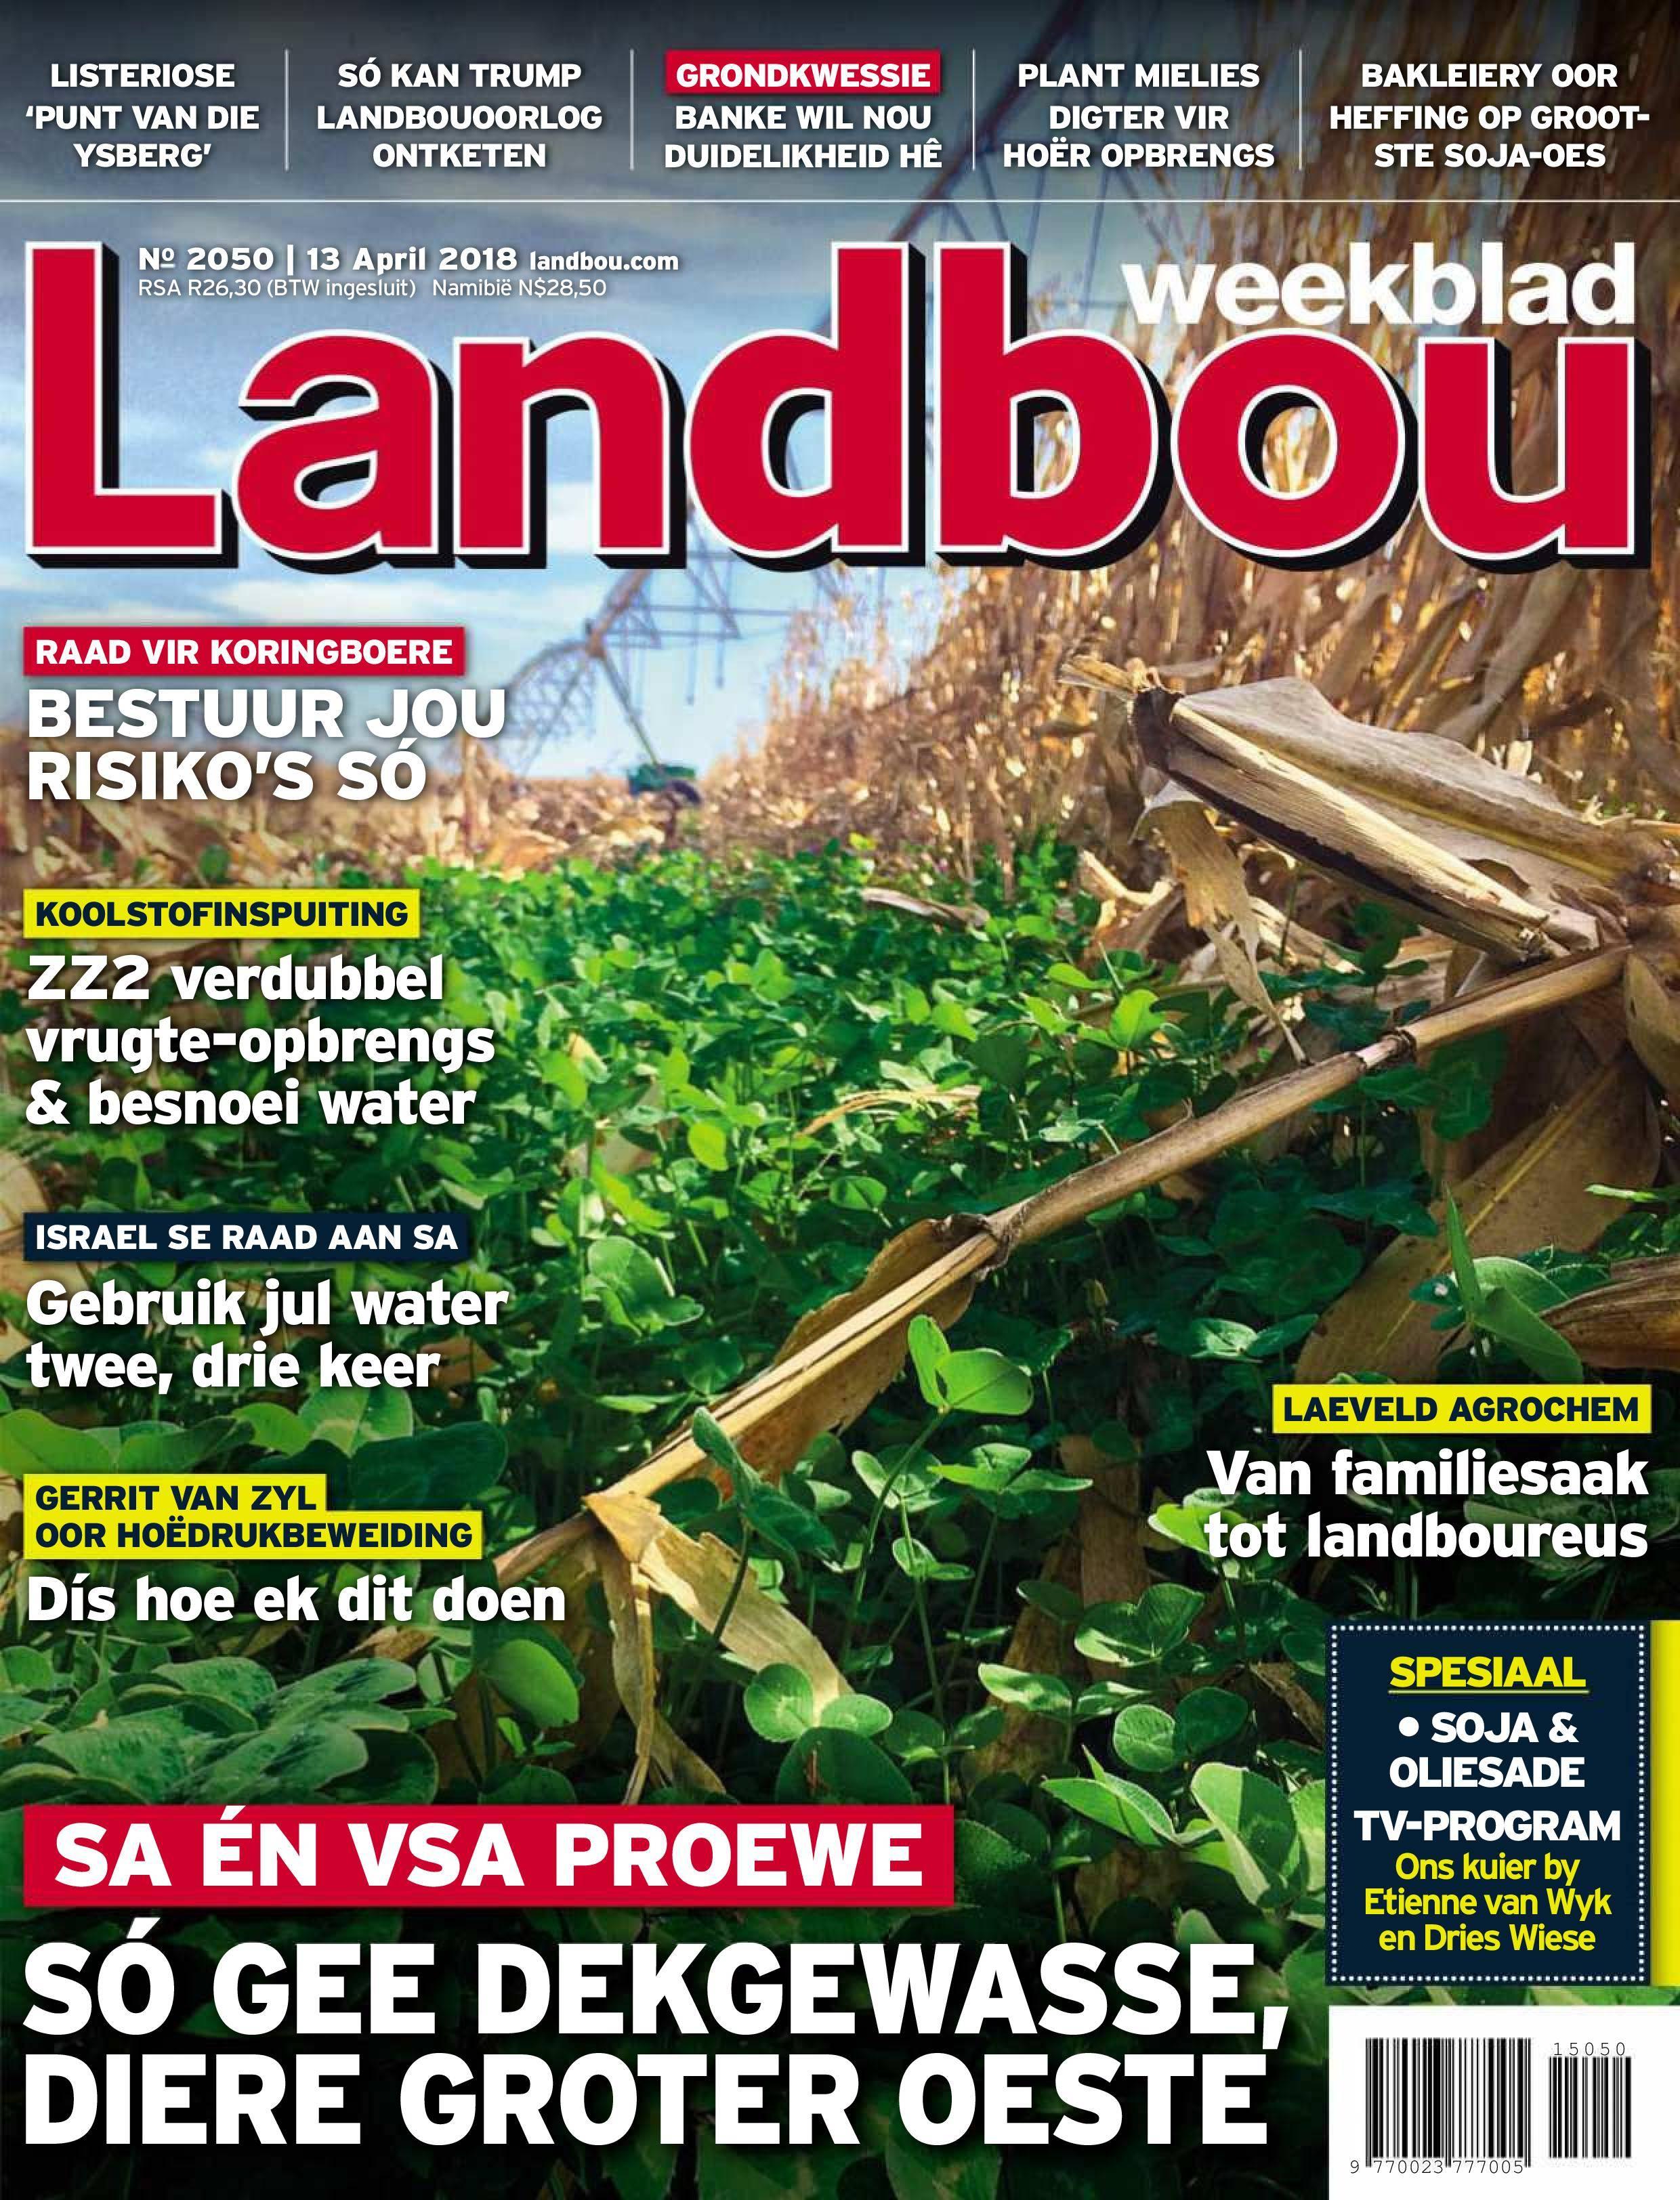 Landbouweekblad - 13 April 2018